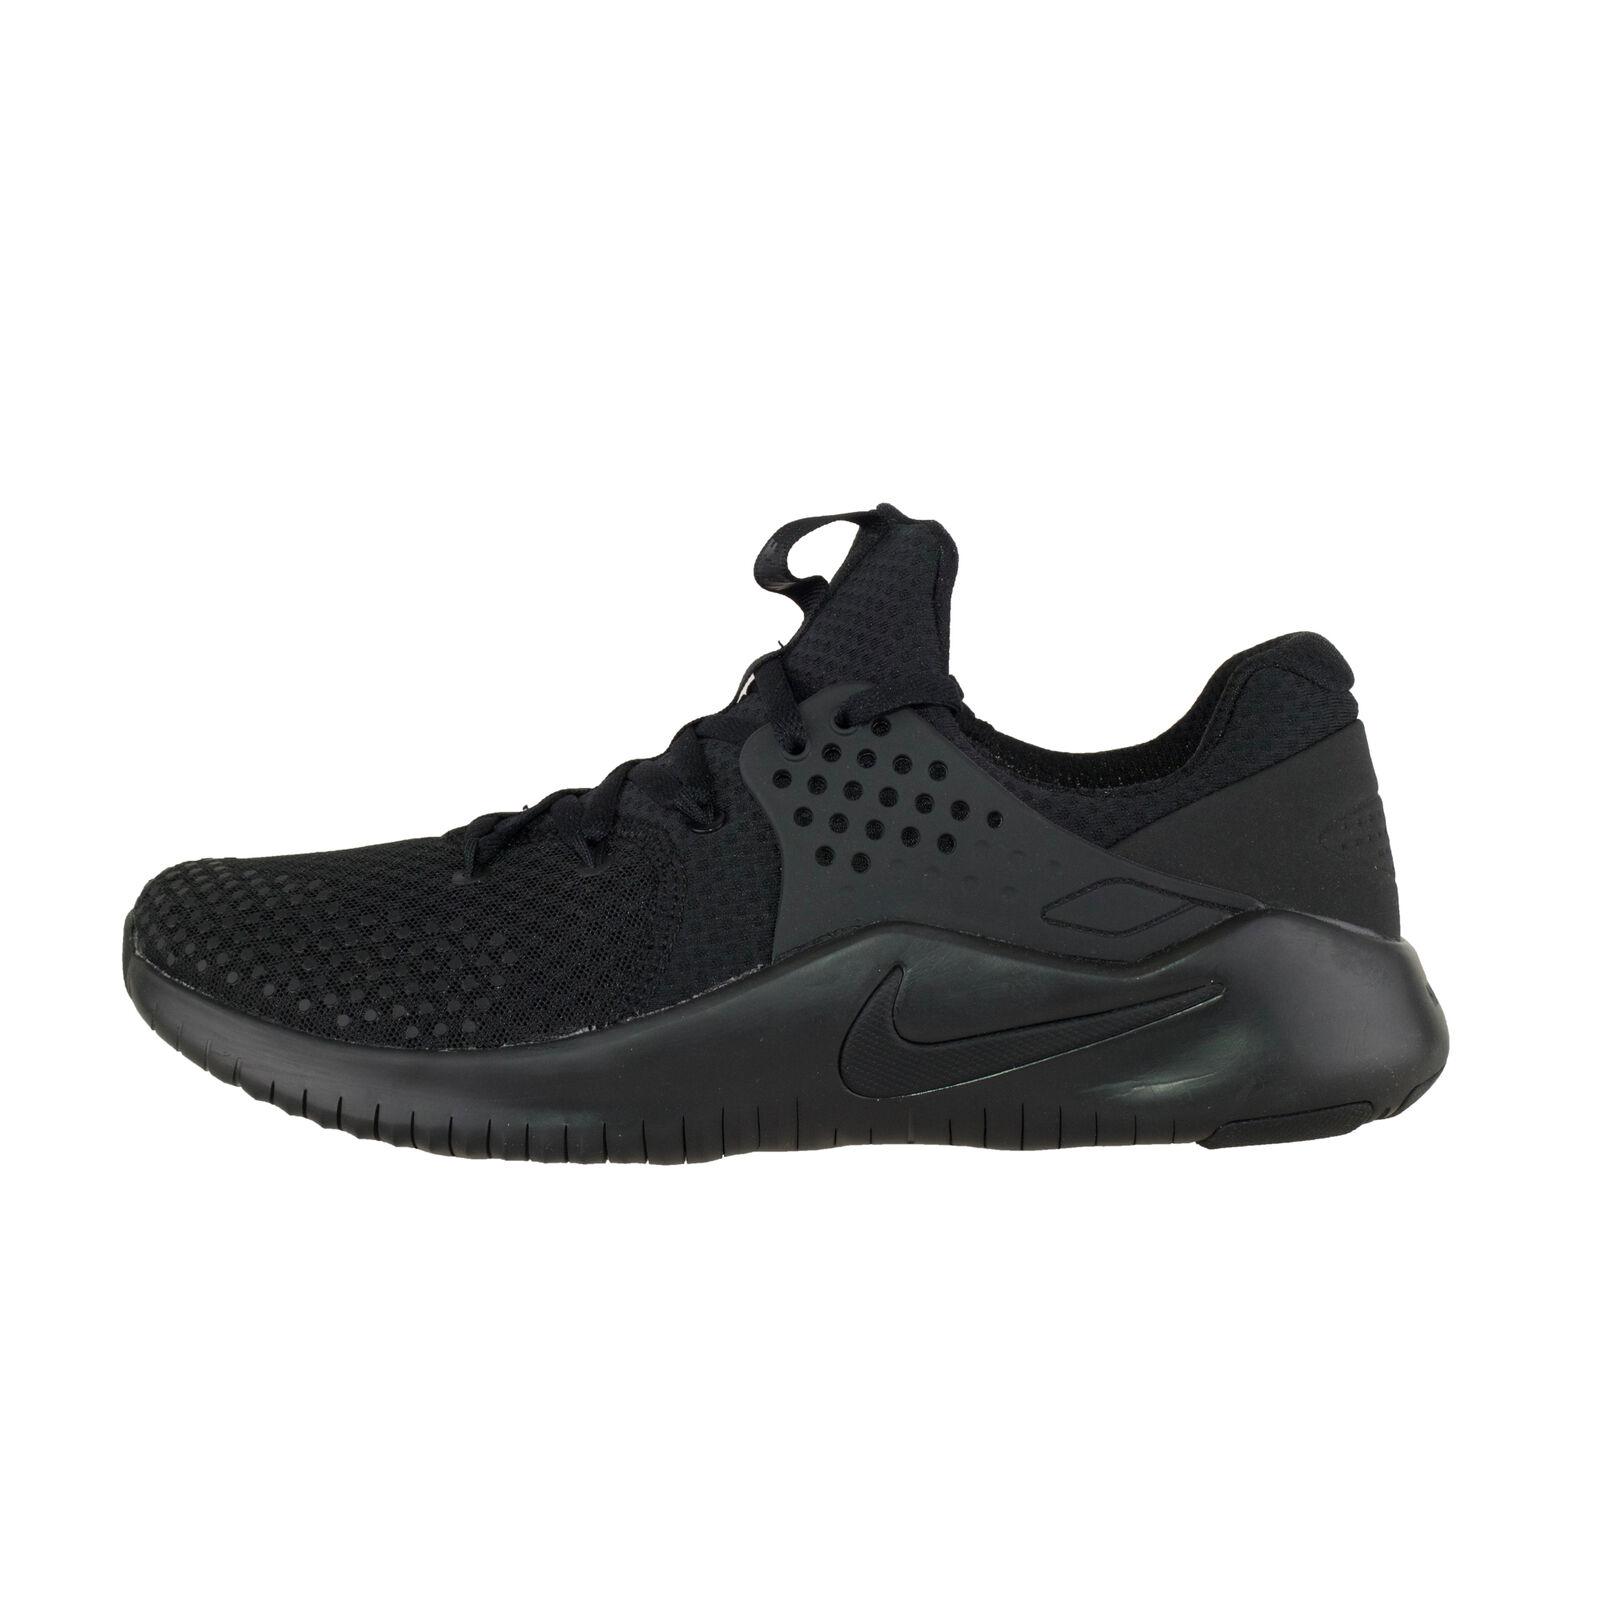 Nike gratuito Tr. V8 Nero - Trainingsschuh Sautope da Ginnastica AH9395-003 Sautope classeiche da uomo